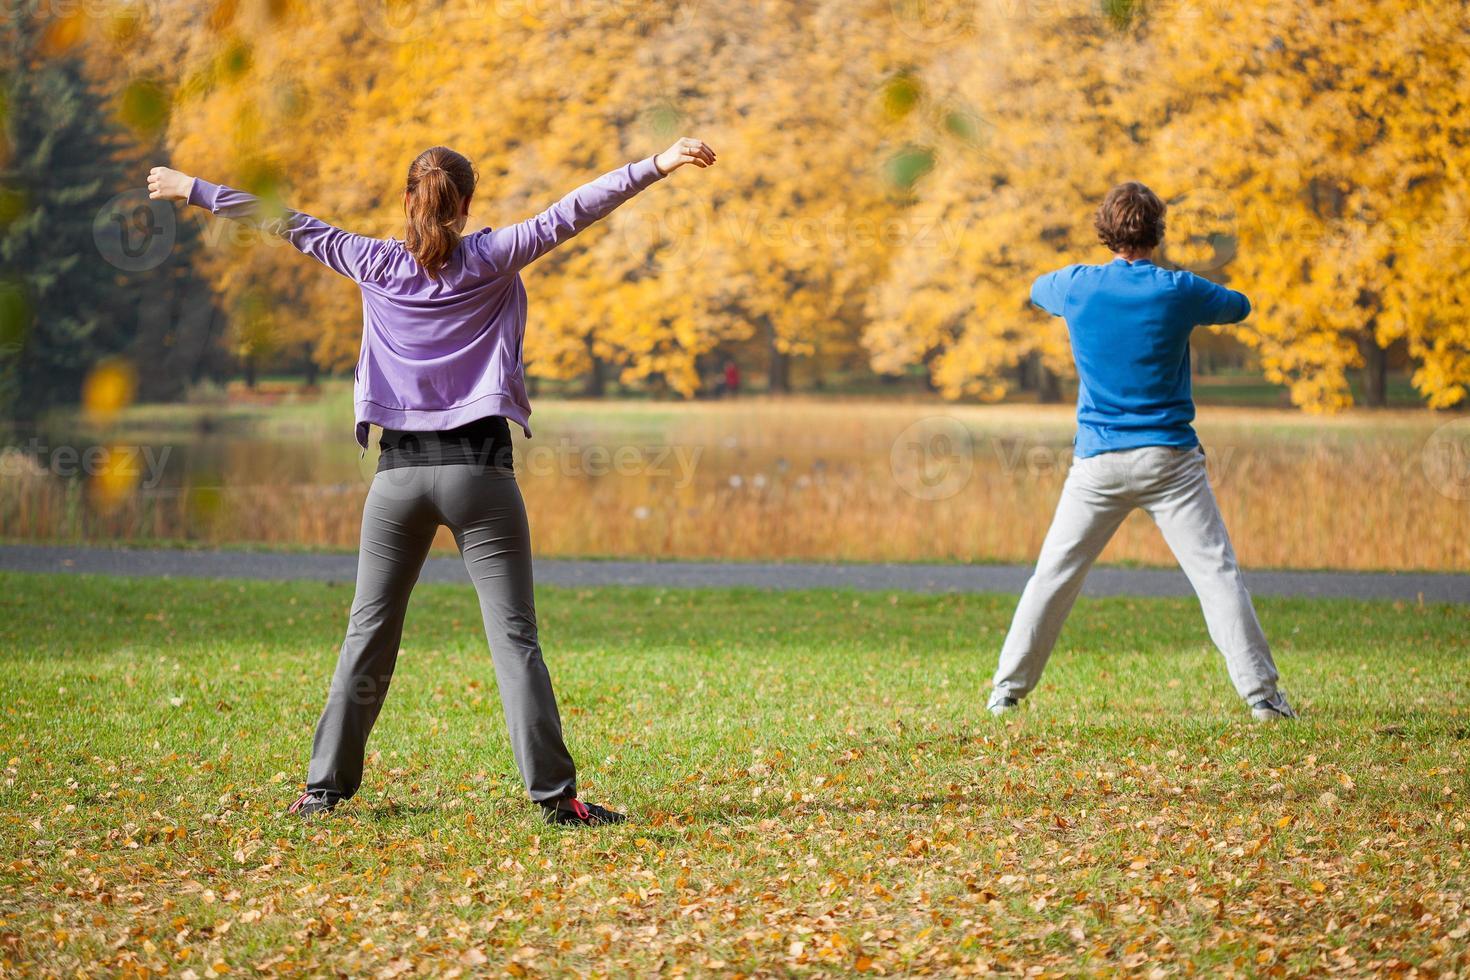 fysiska träningar utomhus foto